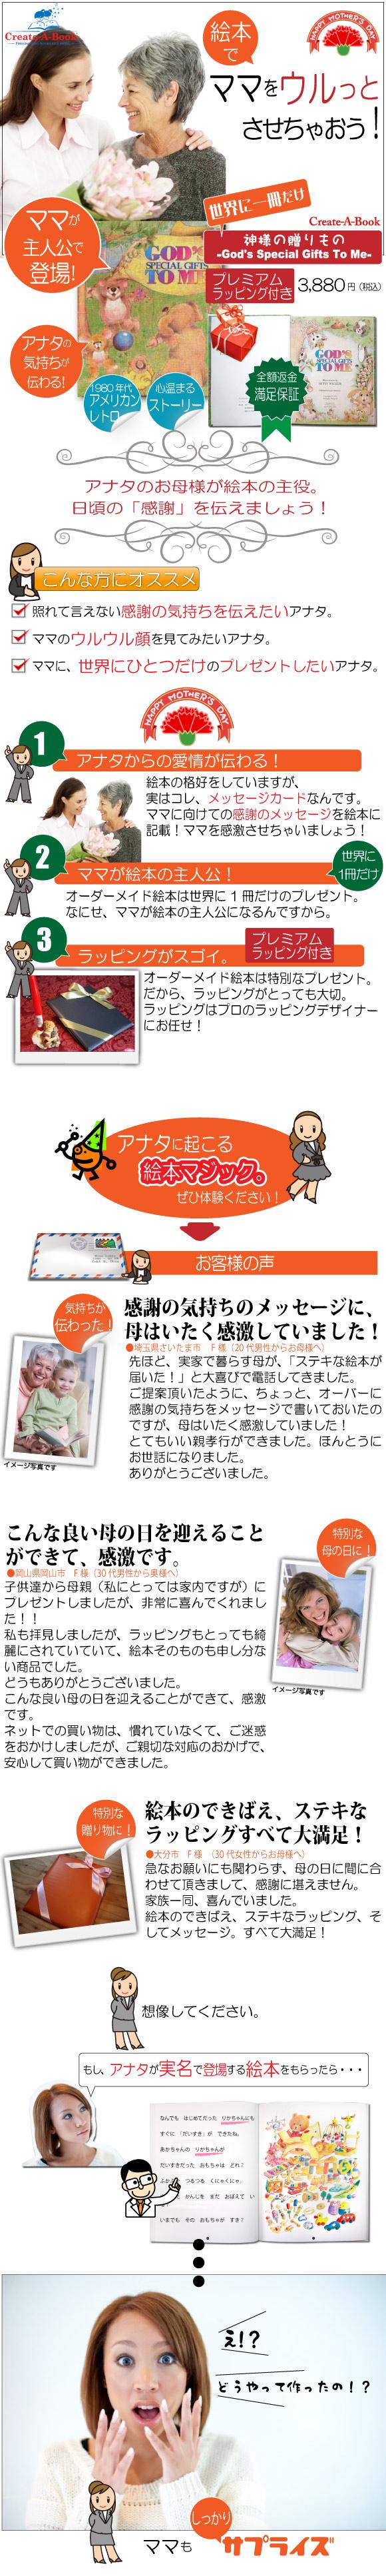 母親の誕生日プレゼントのオーダーメイド絵本の紹介